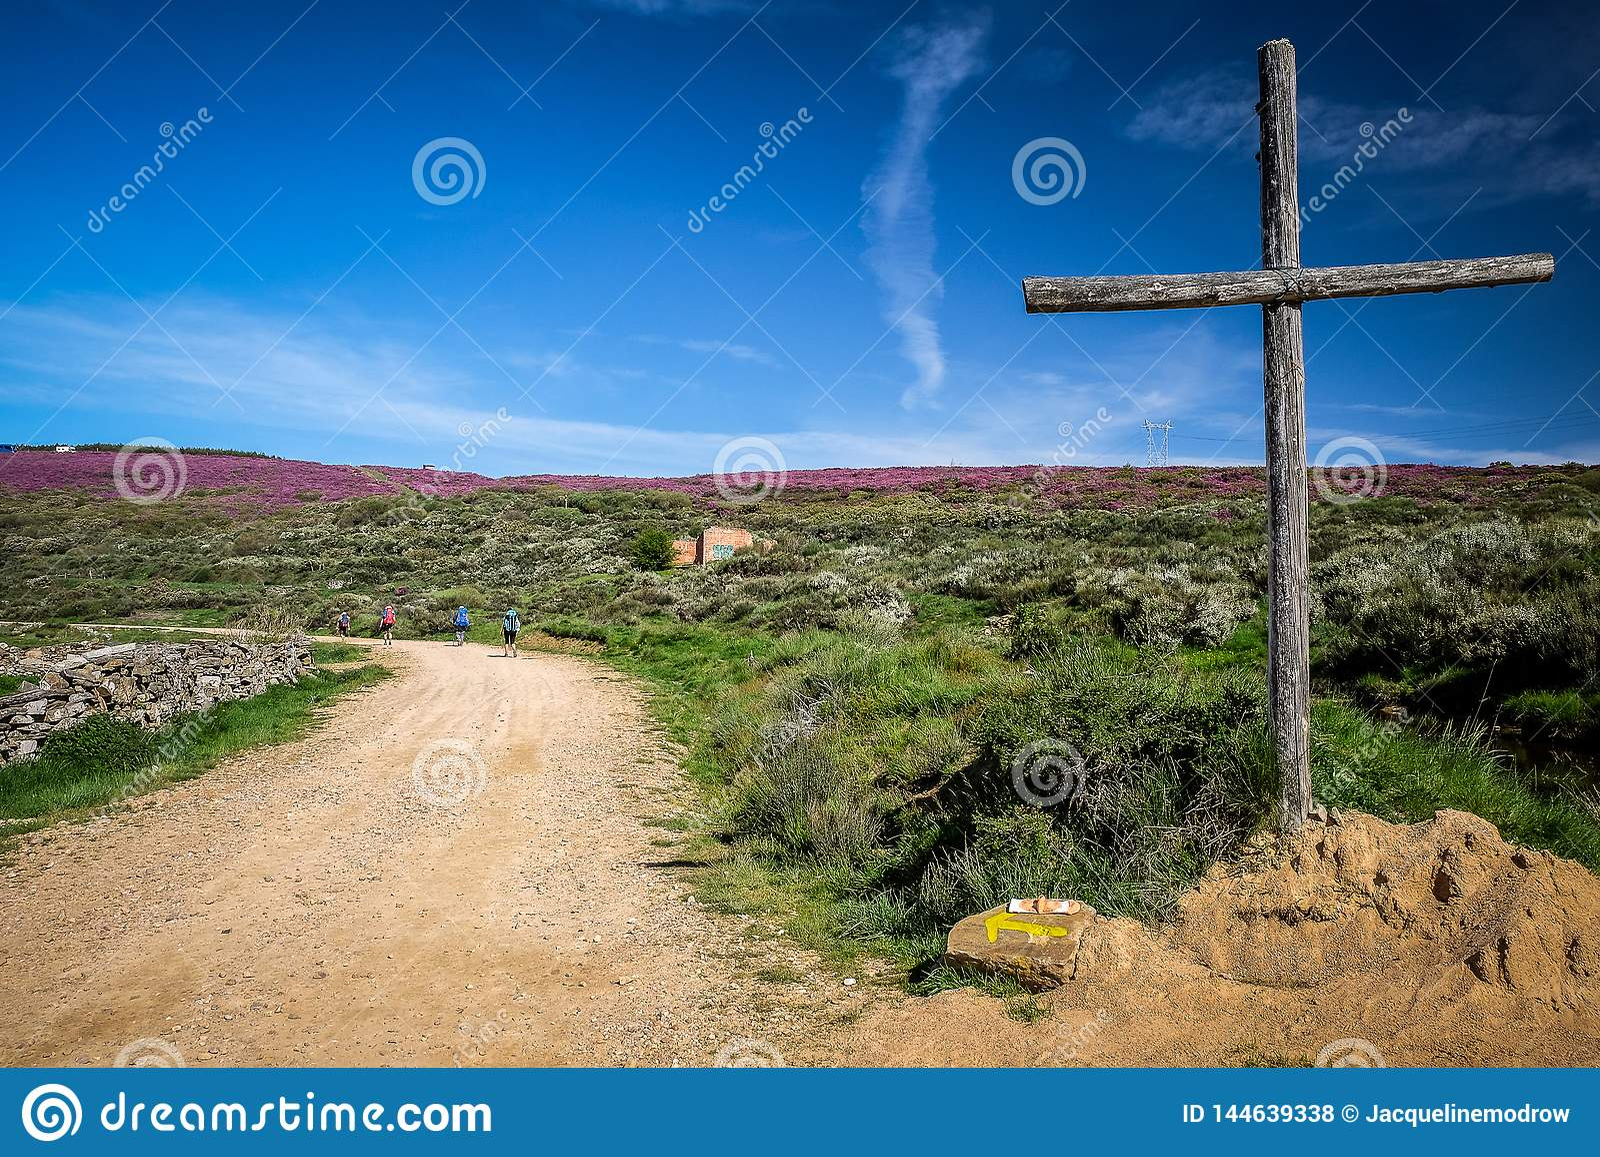 表示在卡米诺弗朗西丝道路的十字架方式对圣地亚哥-德孔波斯特拉